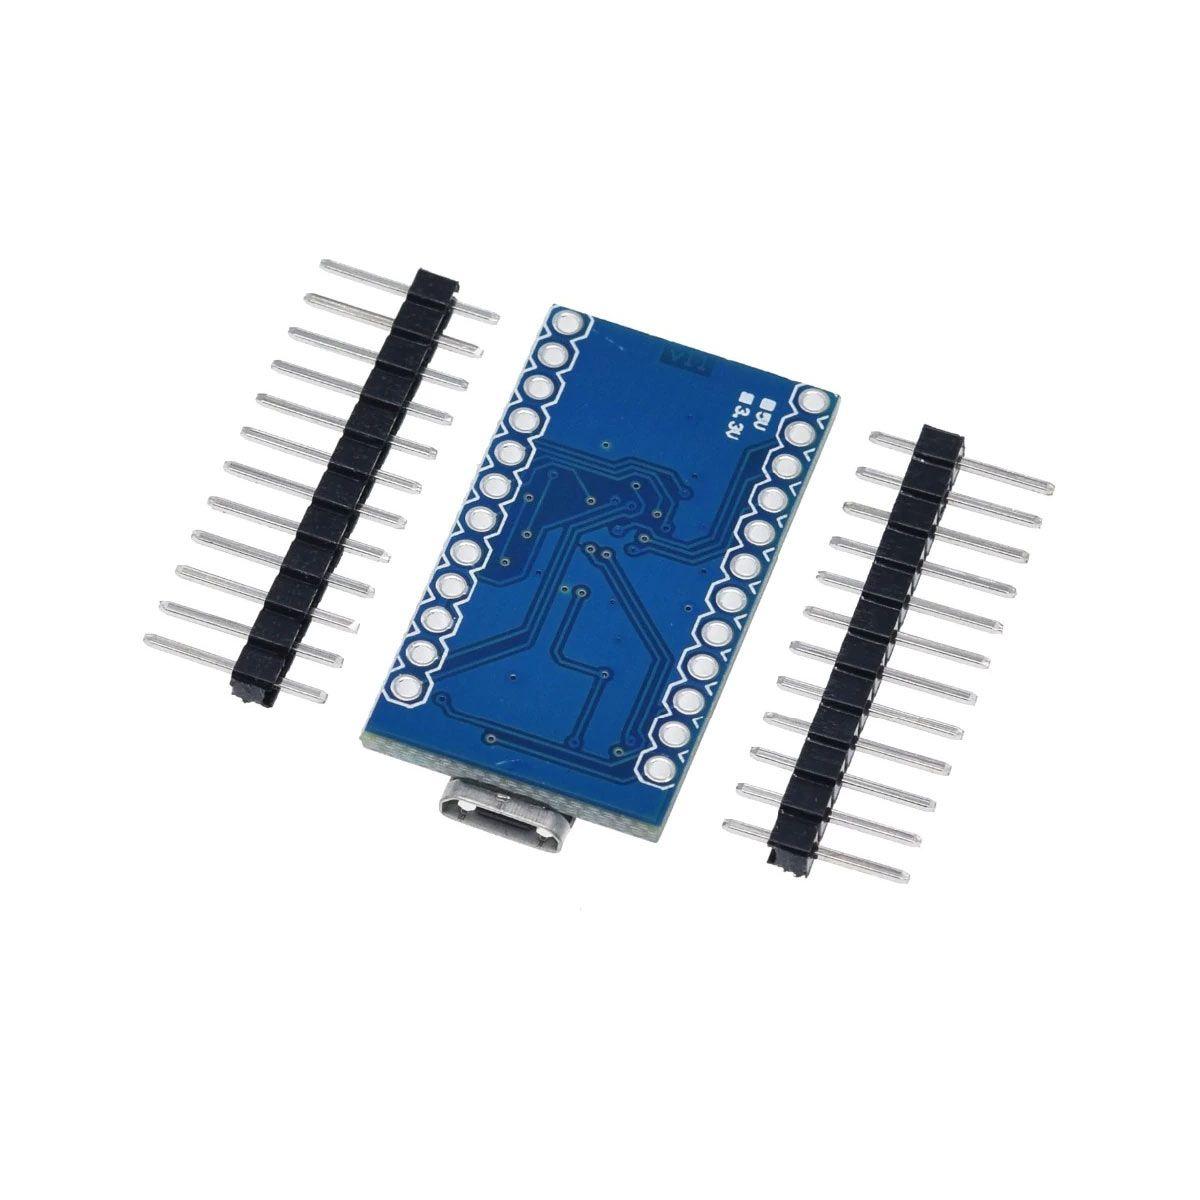 Placa Leonardo Pro Micro 5V sem Cabo e Compatível com Arduino IDE